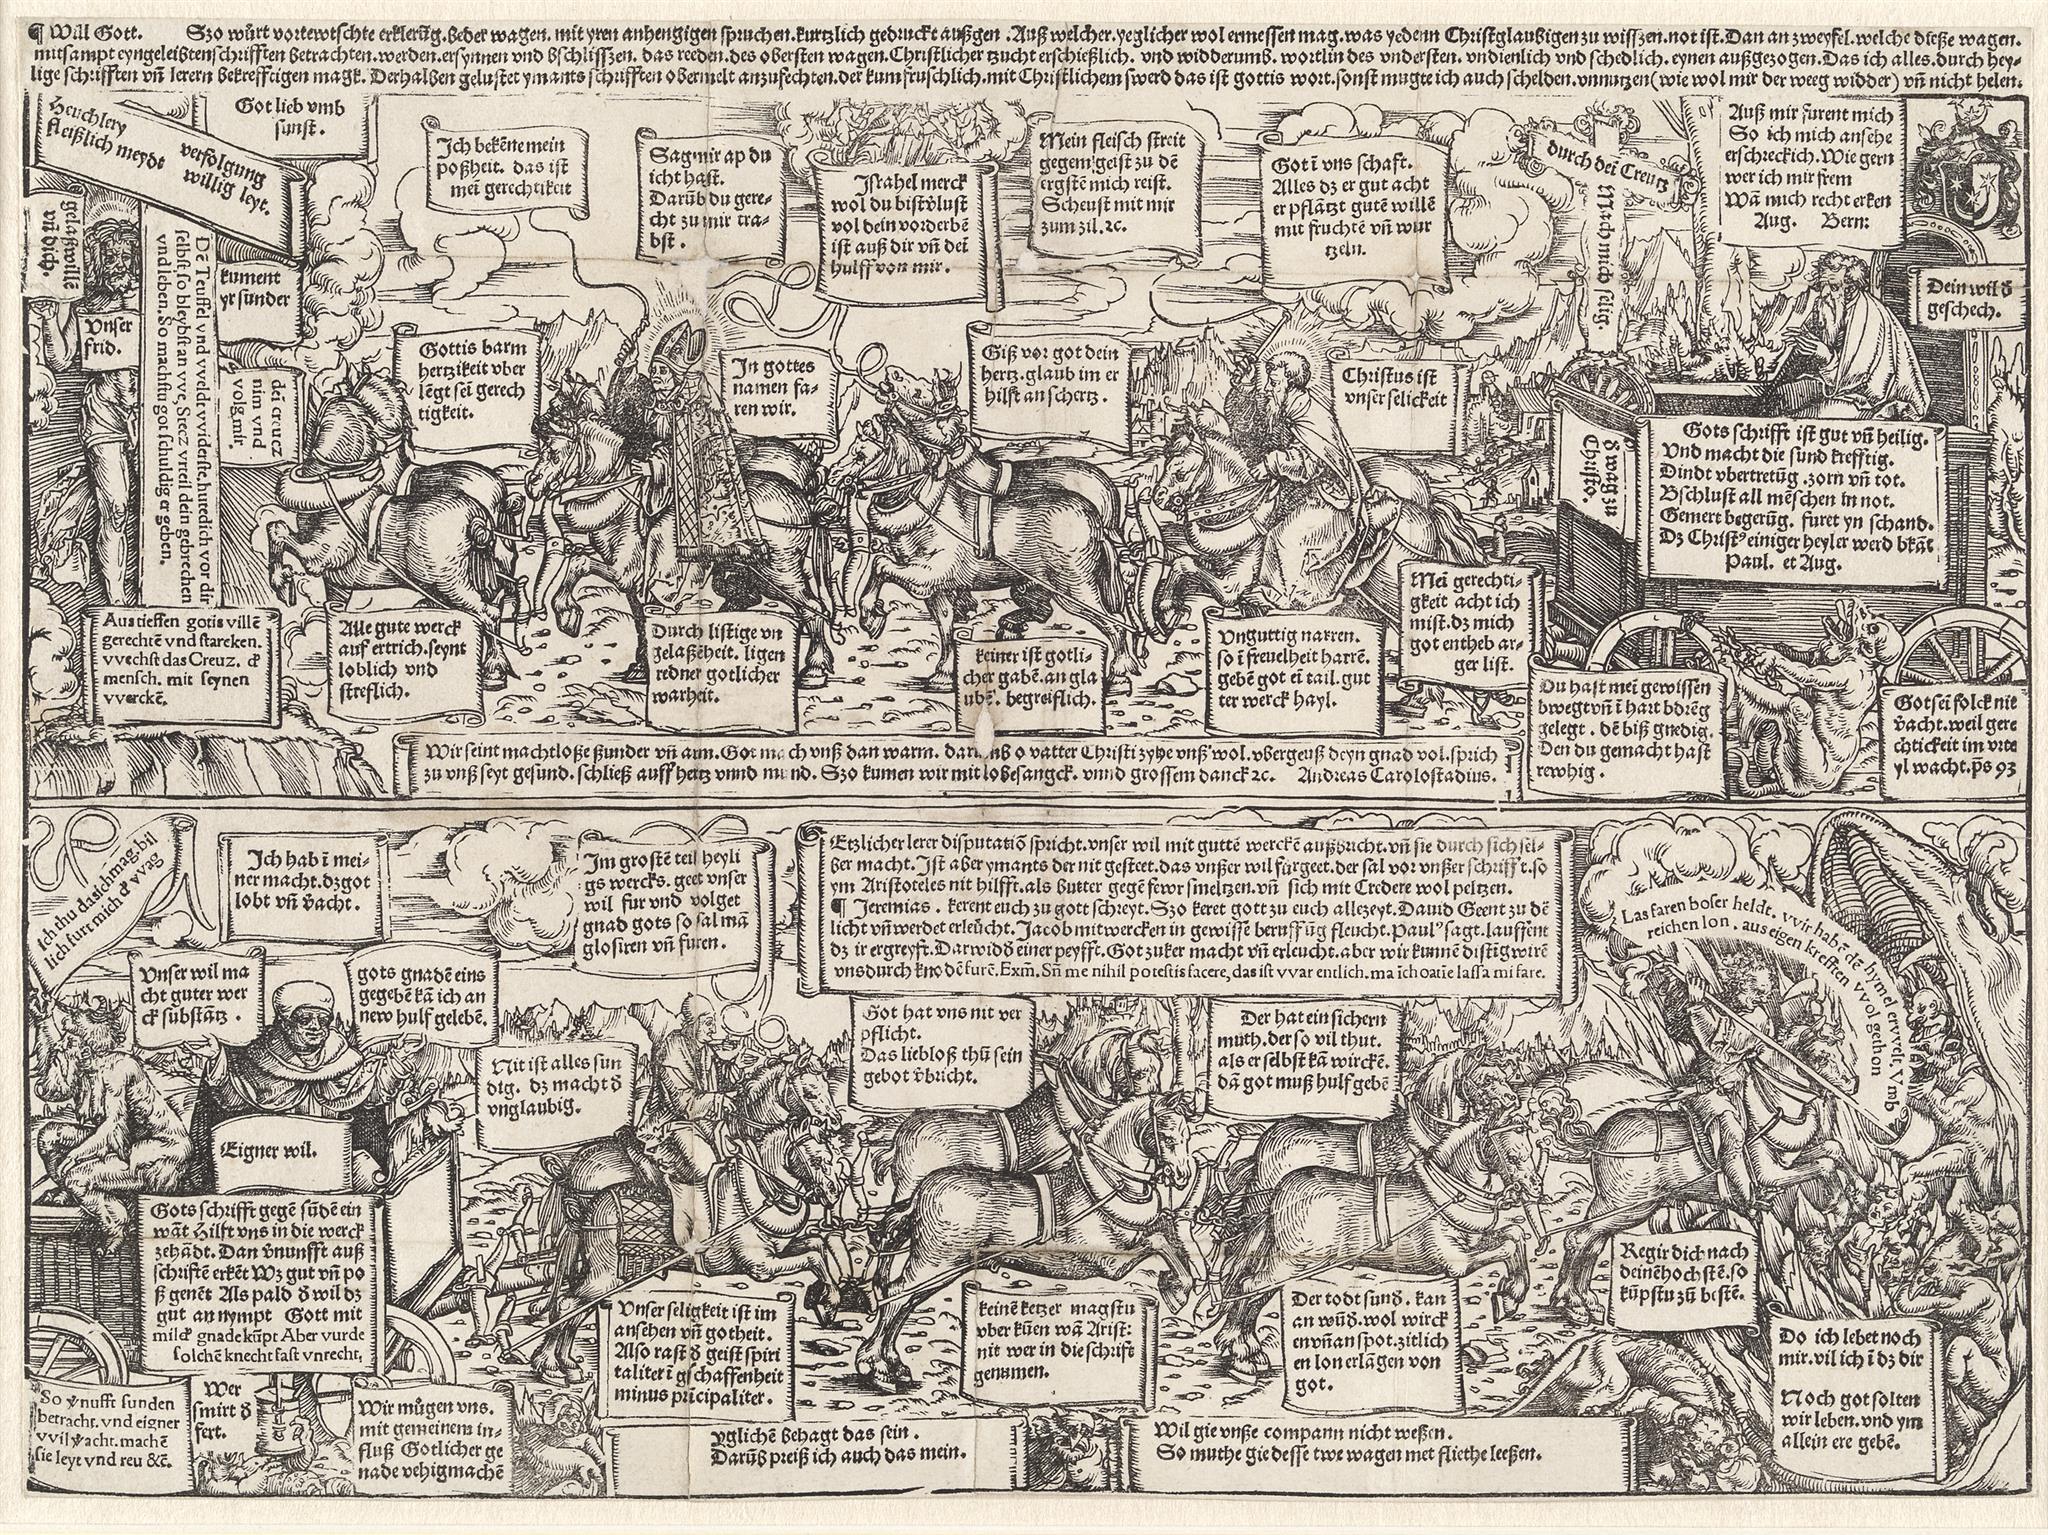 Lucas Cranach d. Ä. (1472 - 1553) Himmelwagen und Höllenwagen des Andreas Bodenstein von Karlstadt Holzschnitt, 1519 300 x 407 mm © Hamburger Kunsthalle / bpk Foto: Christoph Irrgang